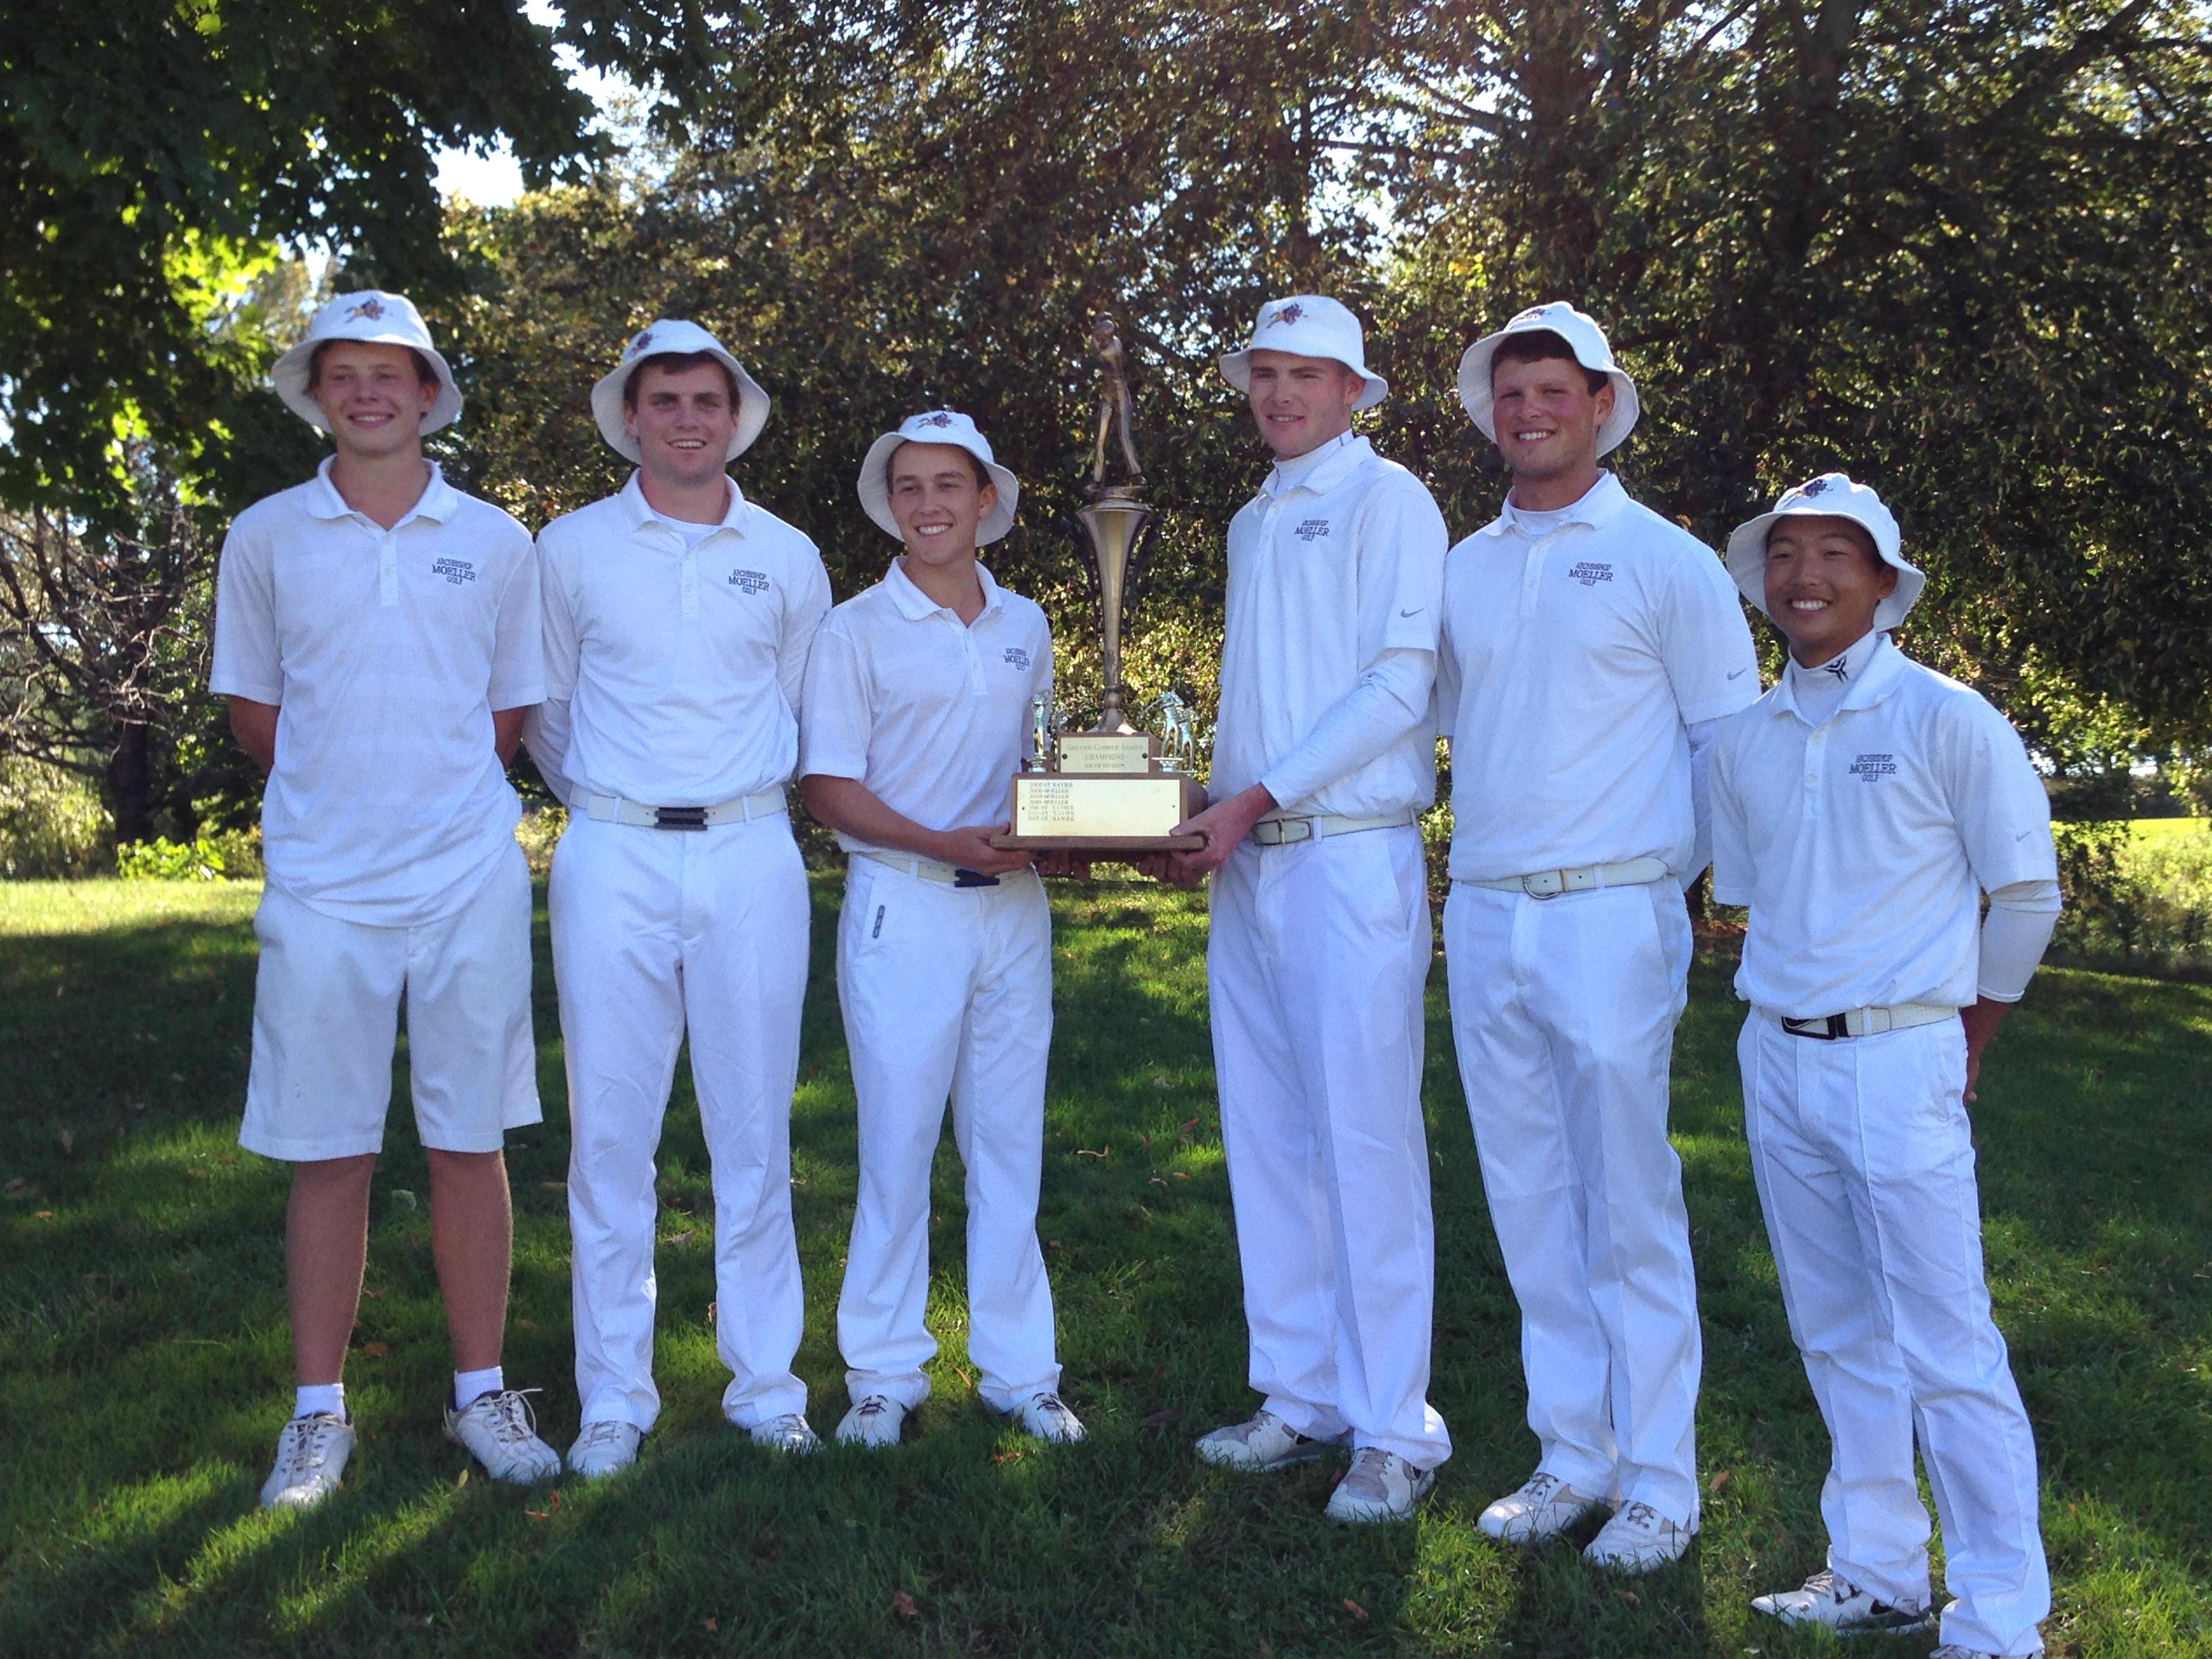 bucket hats on golf team